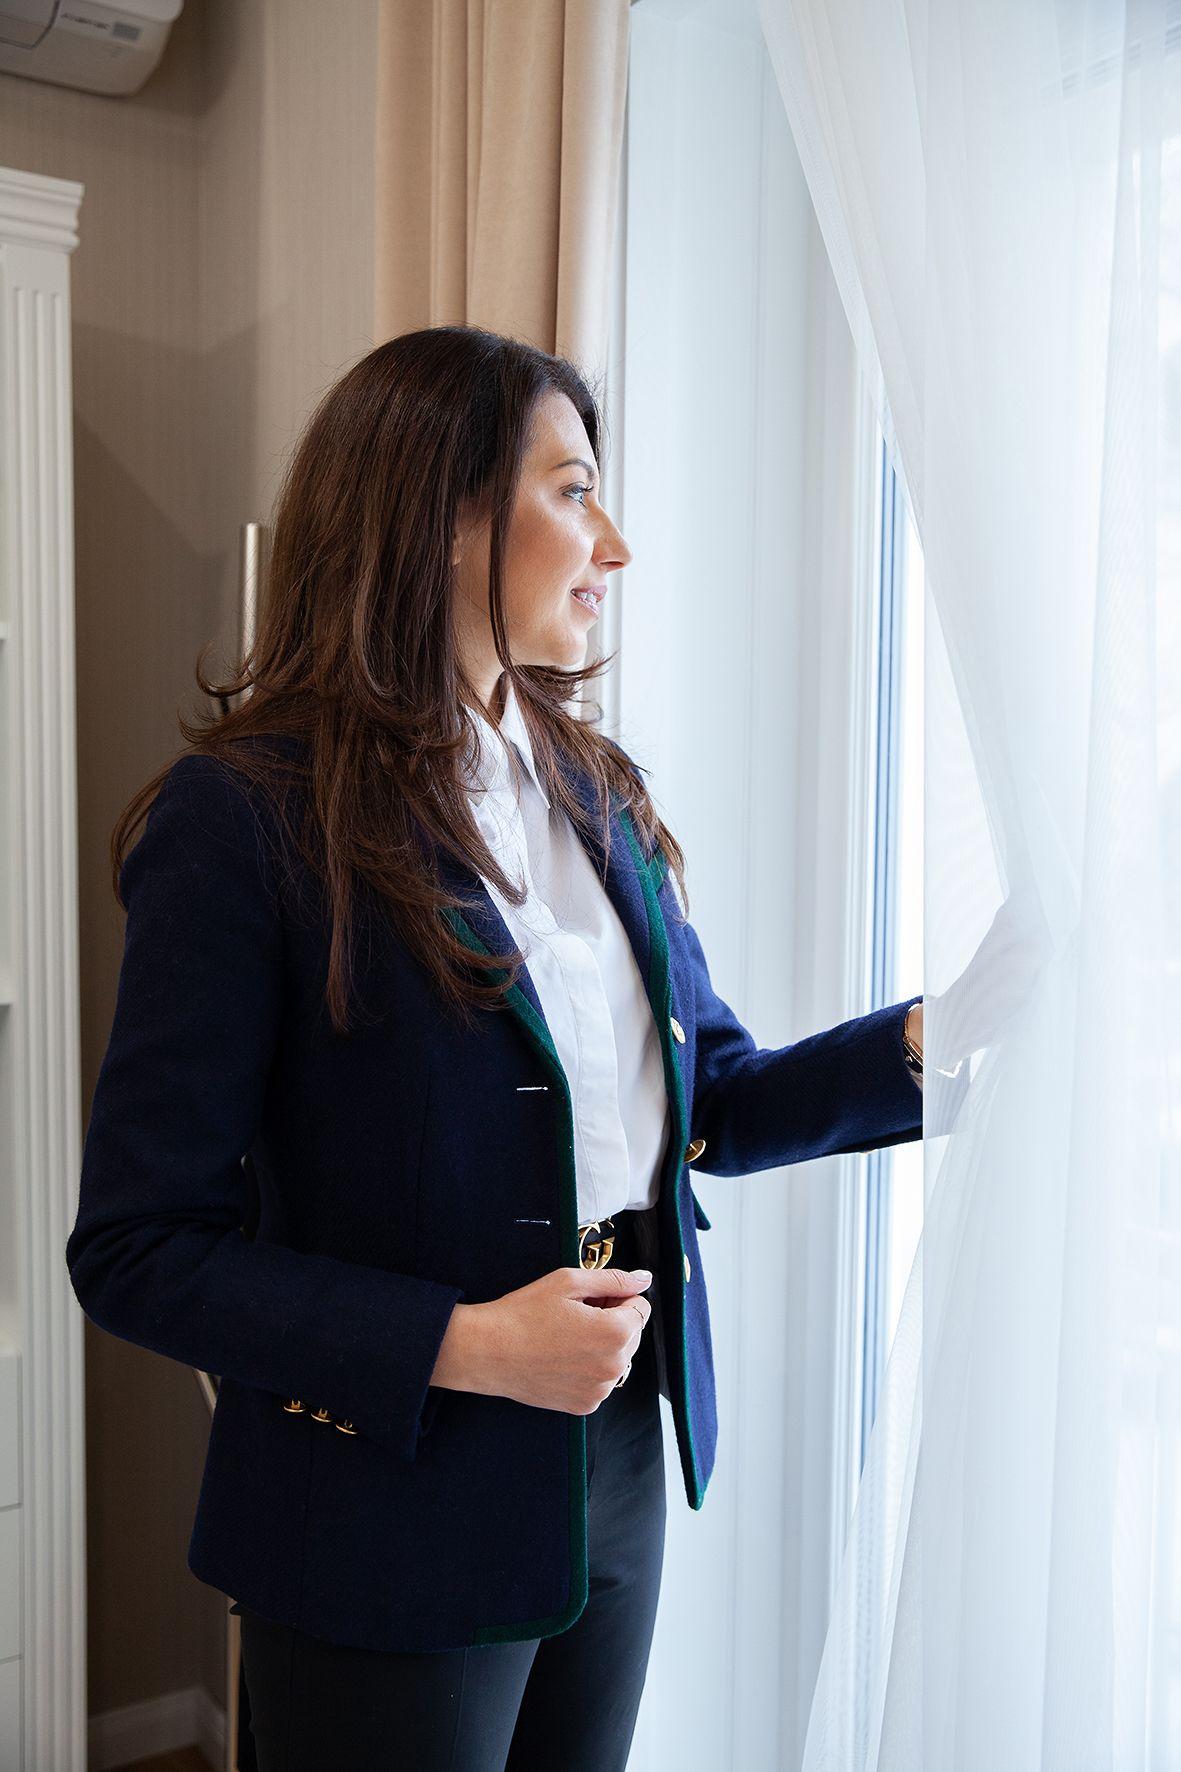 Цветелина Николова взима спонтанно решение да замени затворения бизнес офис без прозорци с уютна, светла сграда   Грим: Росина Георгиева